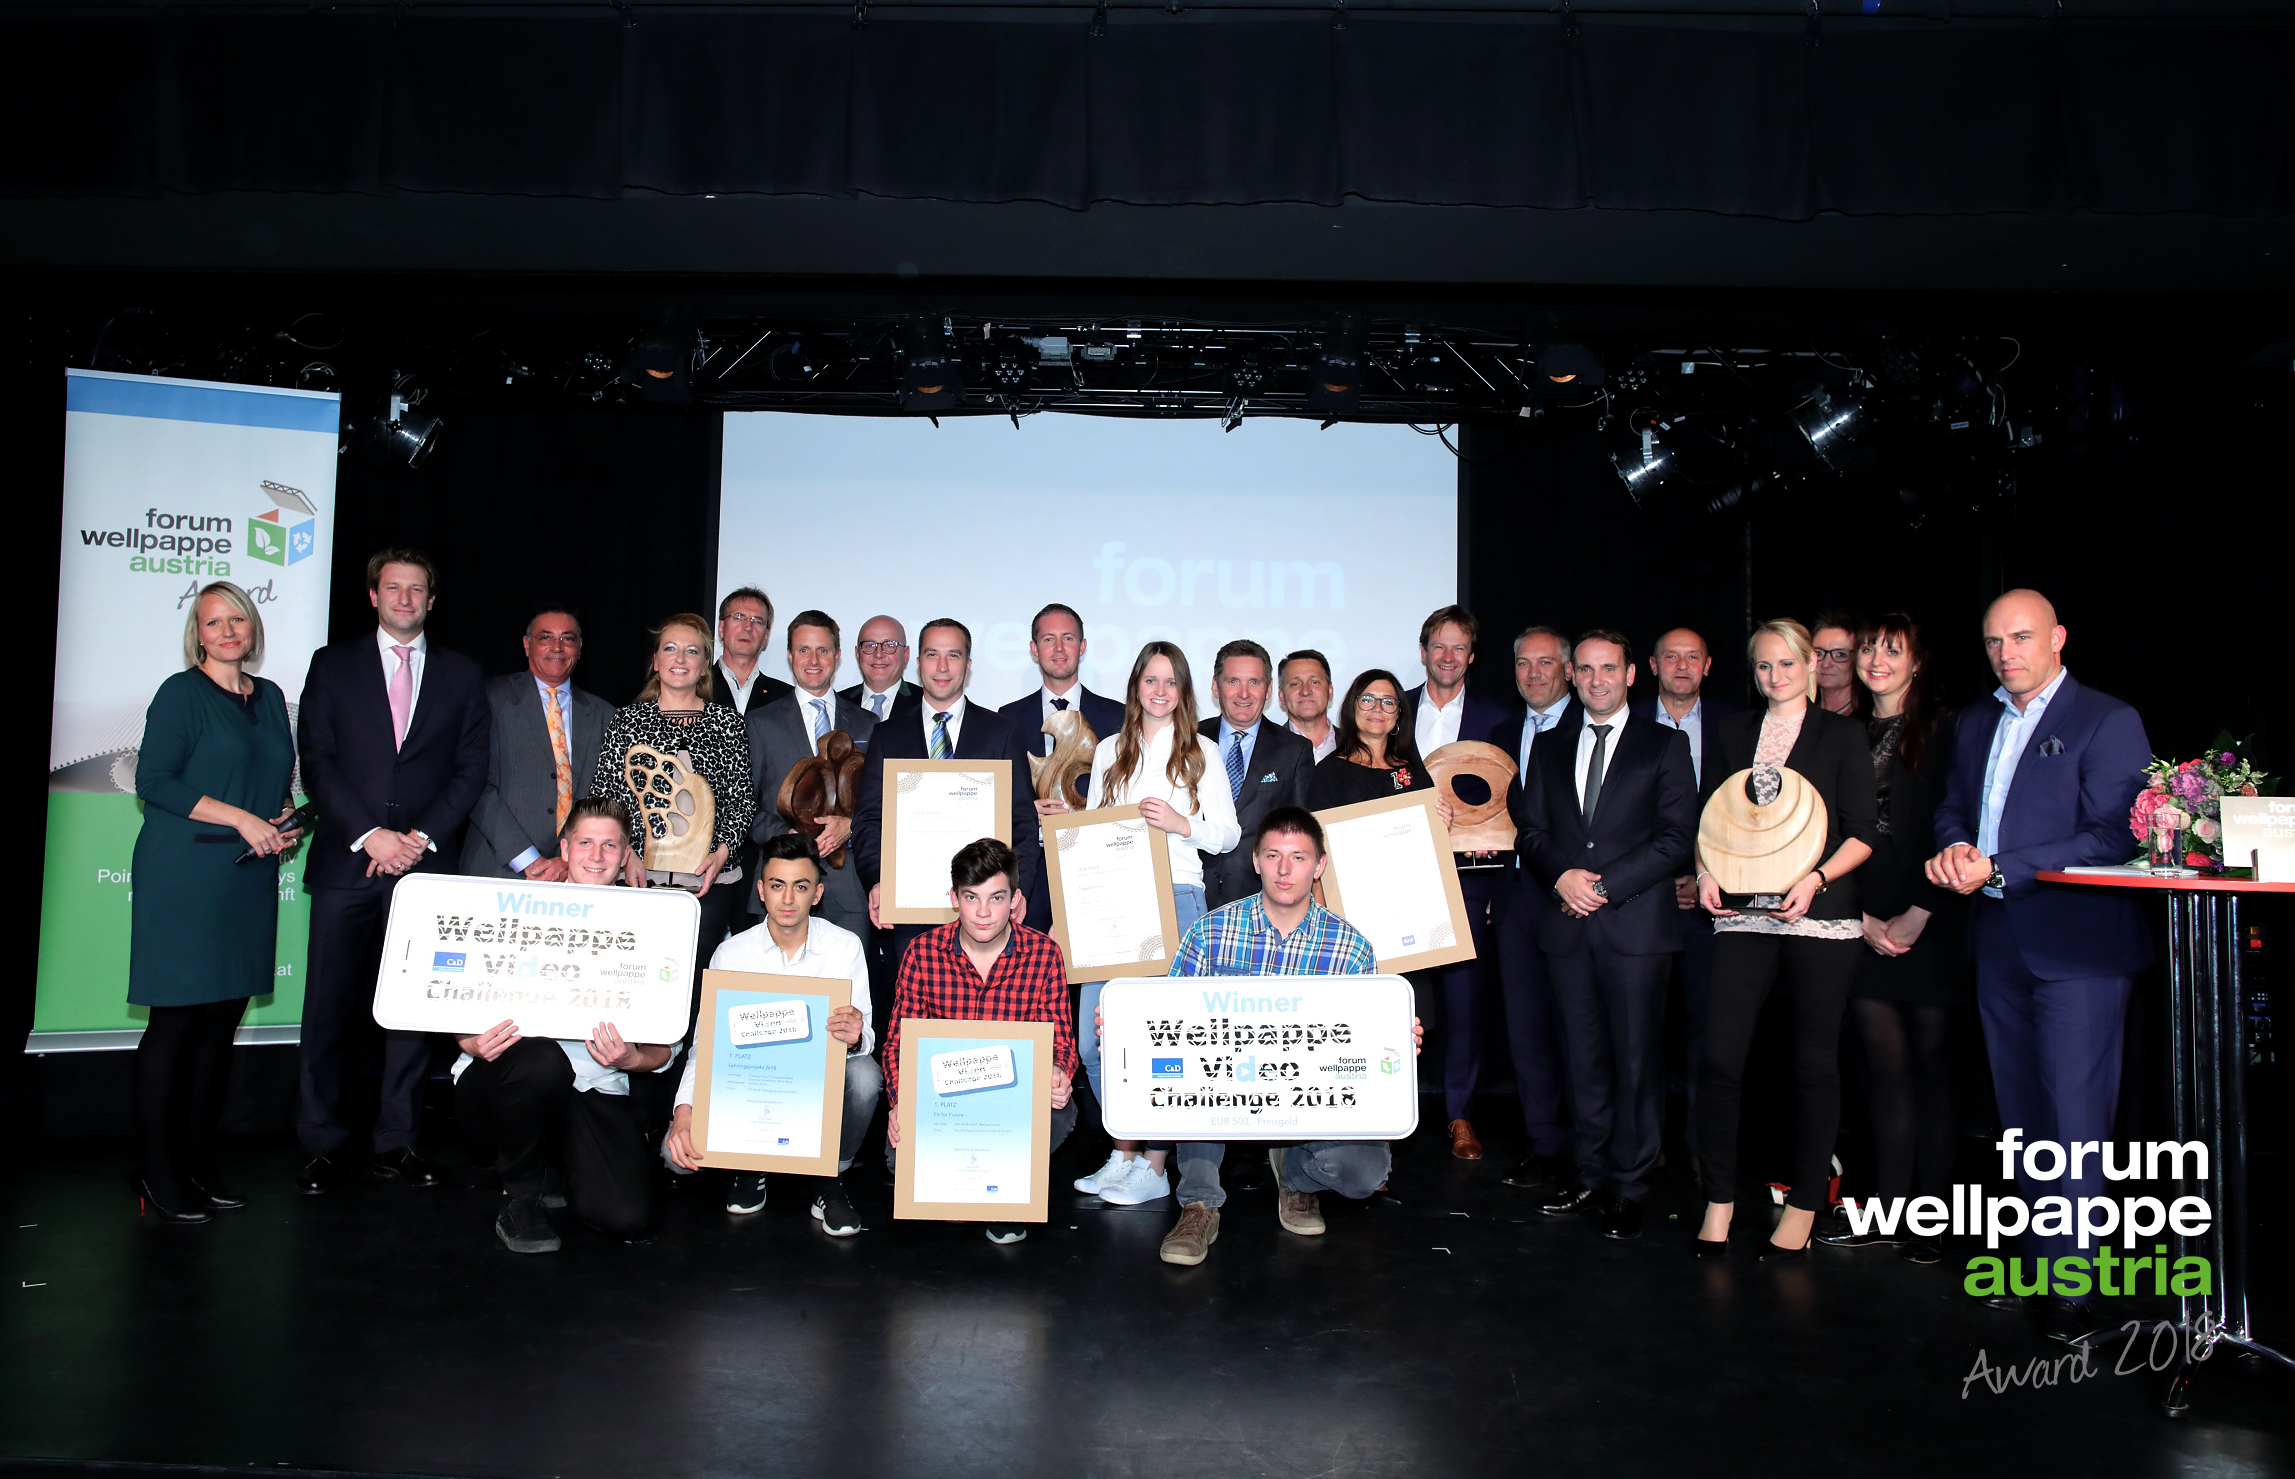 Wellpappe Austria Award 2018. Alle Gewinner auf der Bühne © com_unit | Schedl